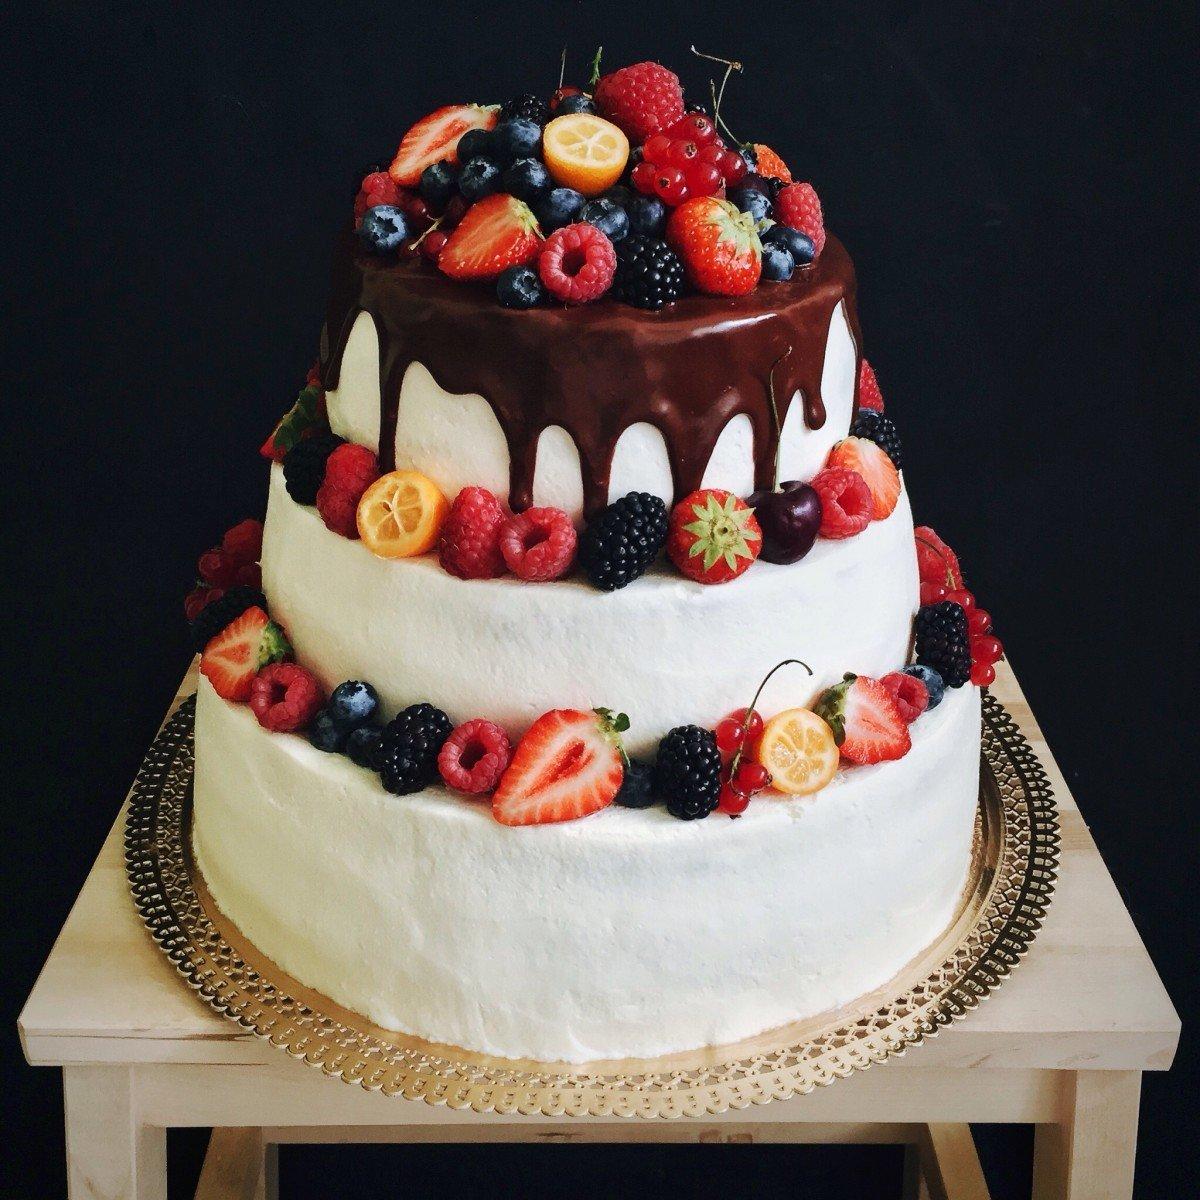 повышают двухъярусный торт без мастики рецепт с фото малтаква большое